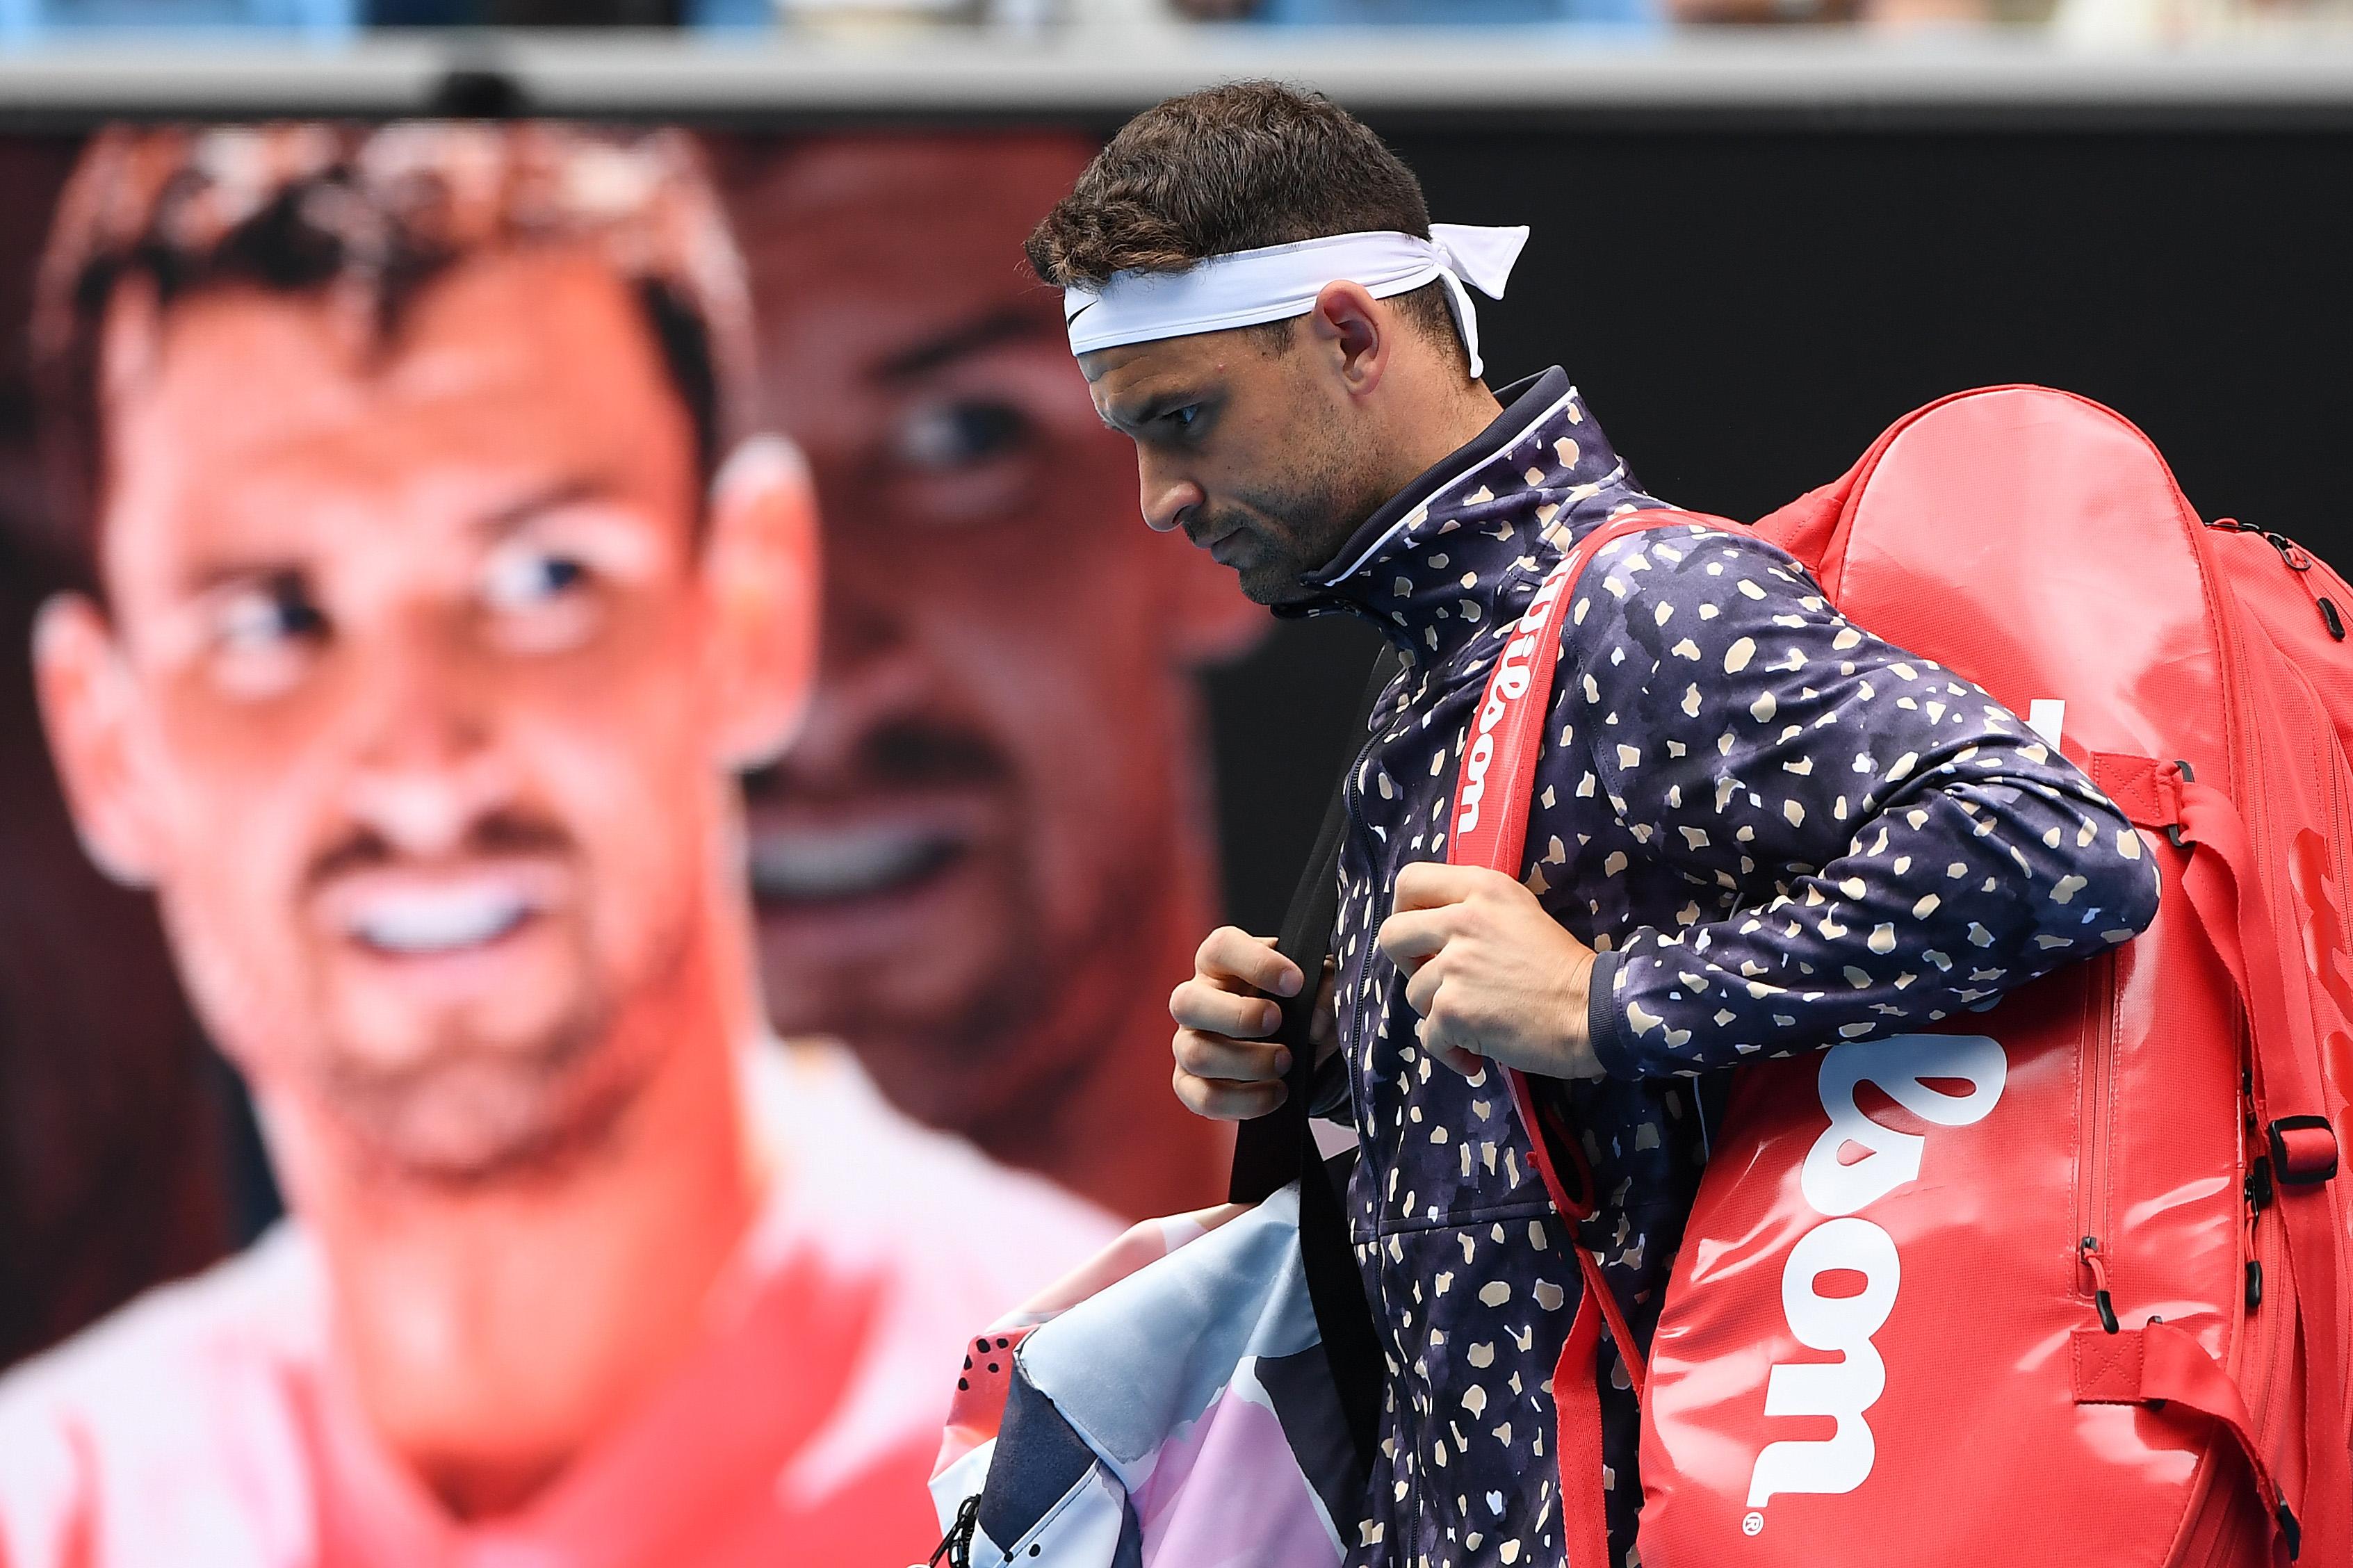 Григор Димитров загуби три места в обновената световна ранглиста на